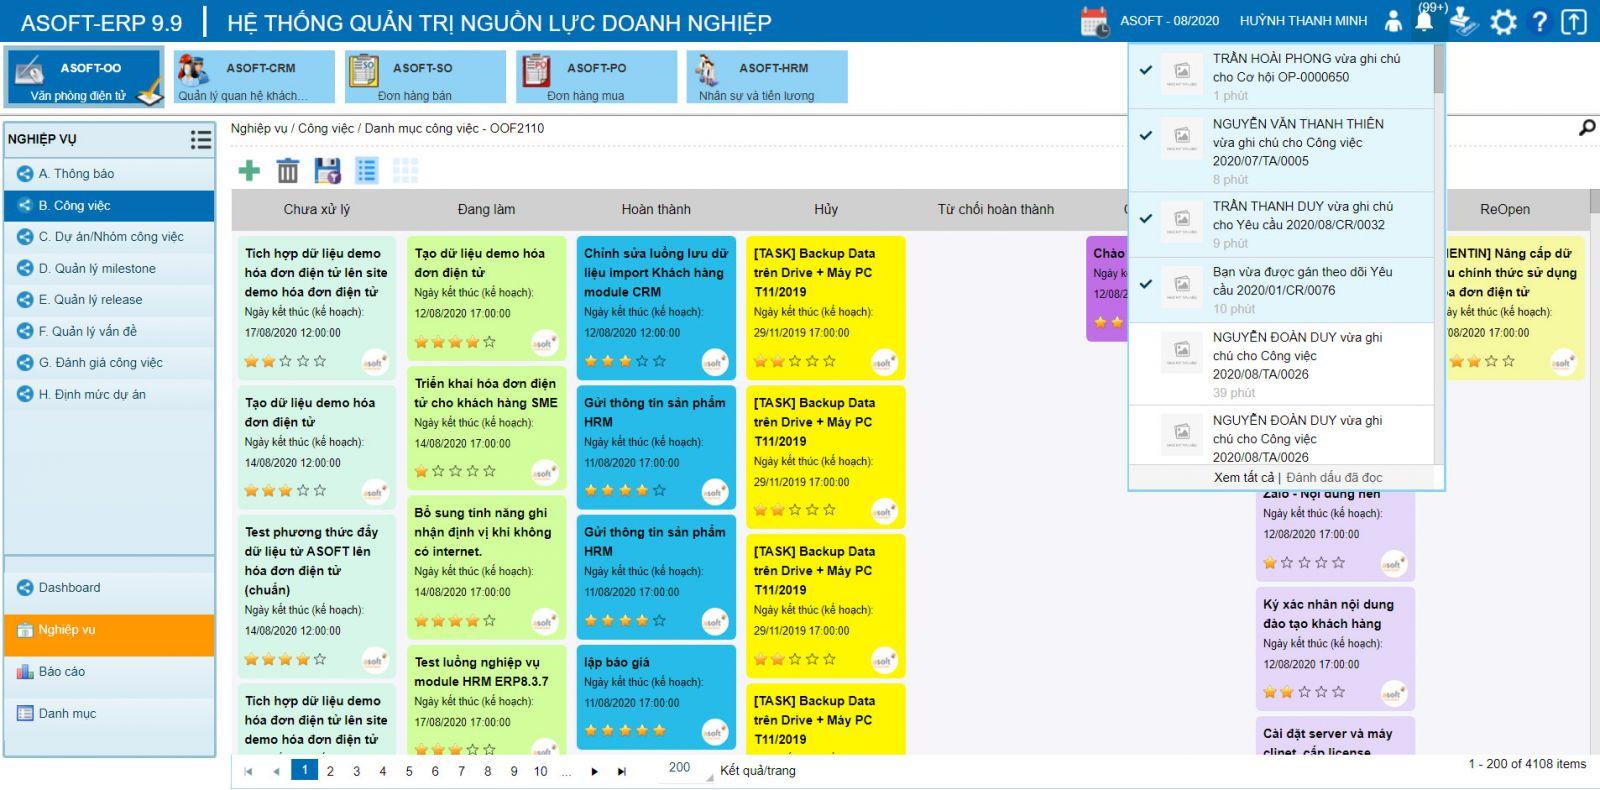 Sử dụng phần mềm quản lý quy trình giúp nhà quản lý dễ dàng theo dõi hoạt động của toàn doanh nghiệp